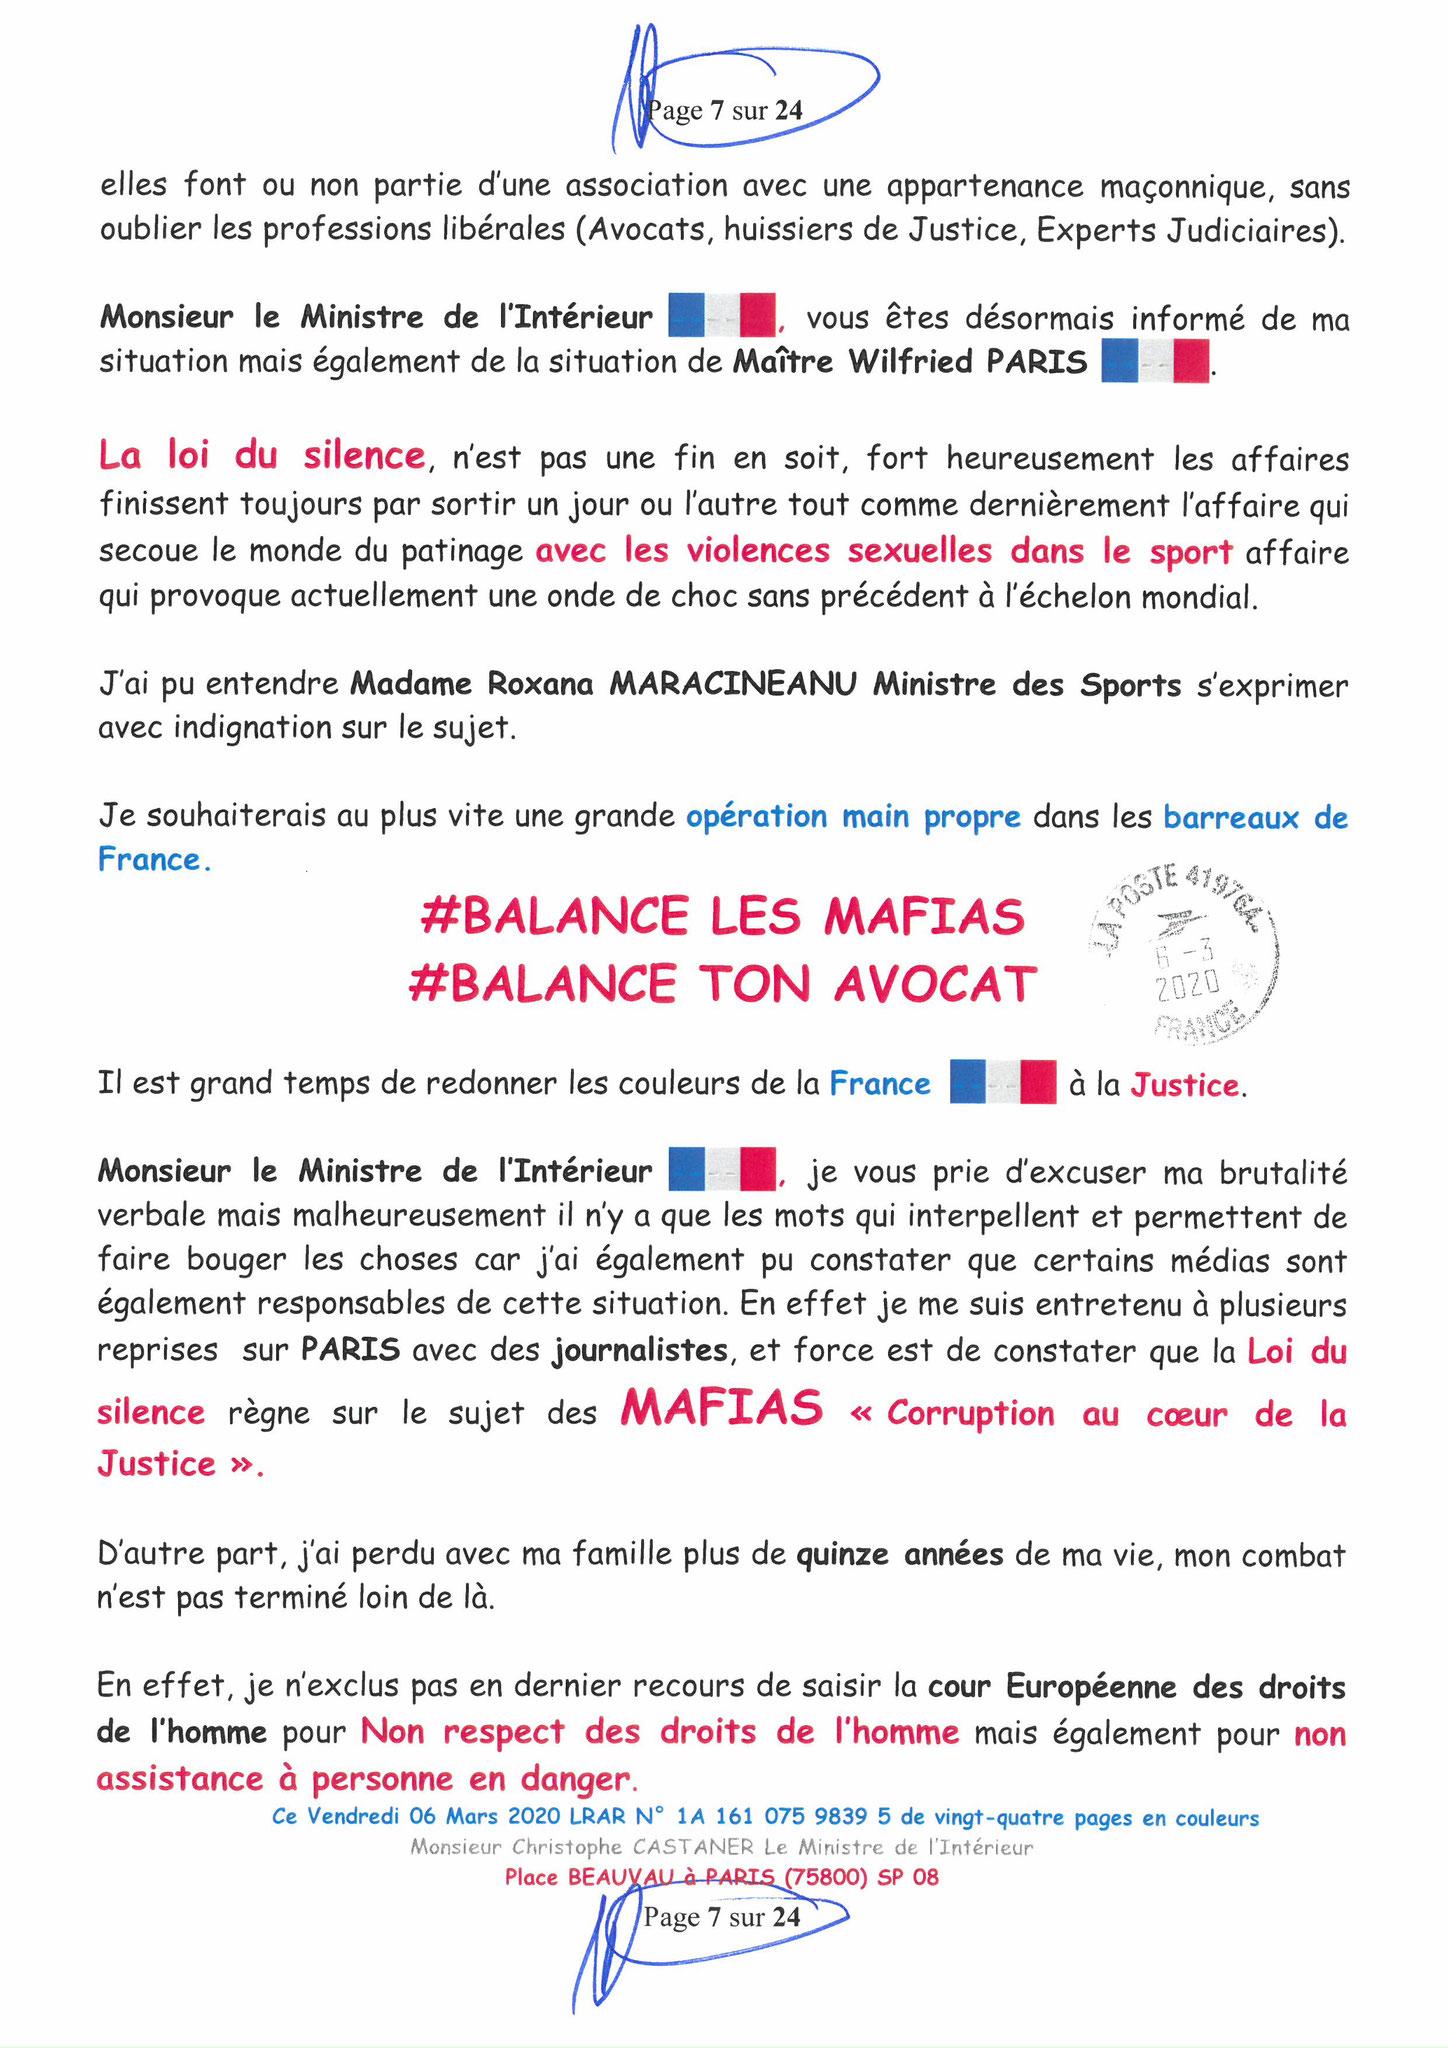 Ma LRAR à Monsieur le Ministre de l'Intérieur Christophe CASTANER N°1A 161 075 9839 5  Page 7 sur 24 en couleur du 06 Mars 2020  www.jesuispatrick.fr www.jesuisvictime.fr www.alerte-rouge-france.fr